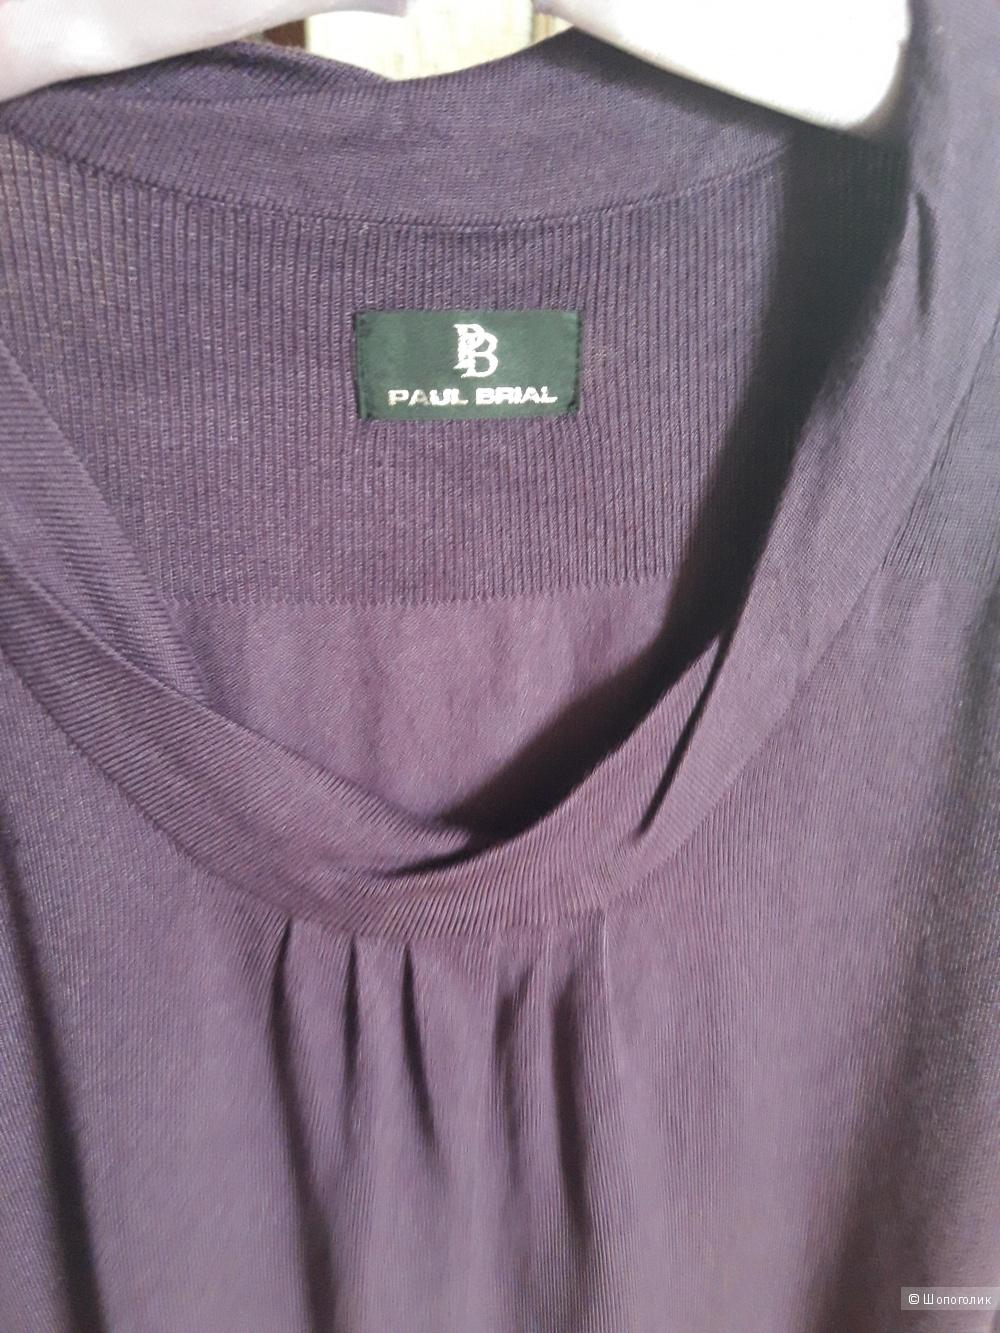 Трикотажное платье Paul Brial, размер 44-46.